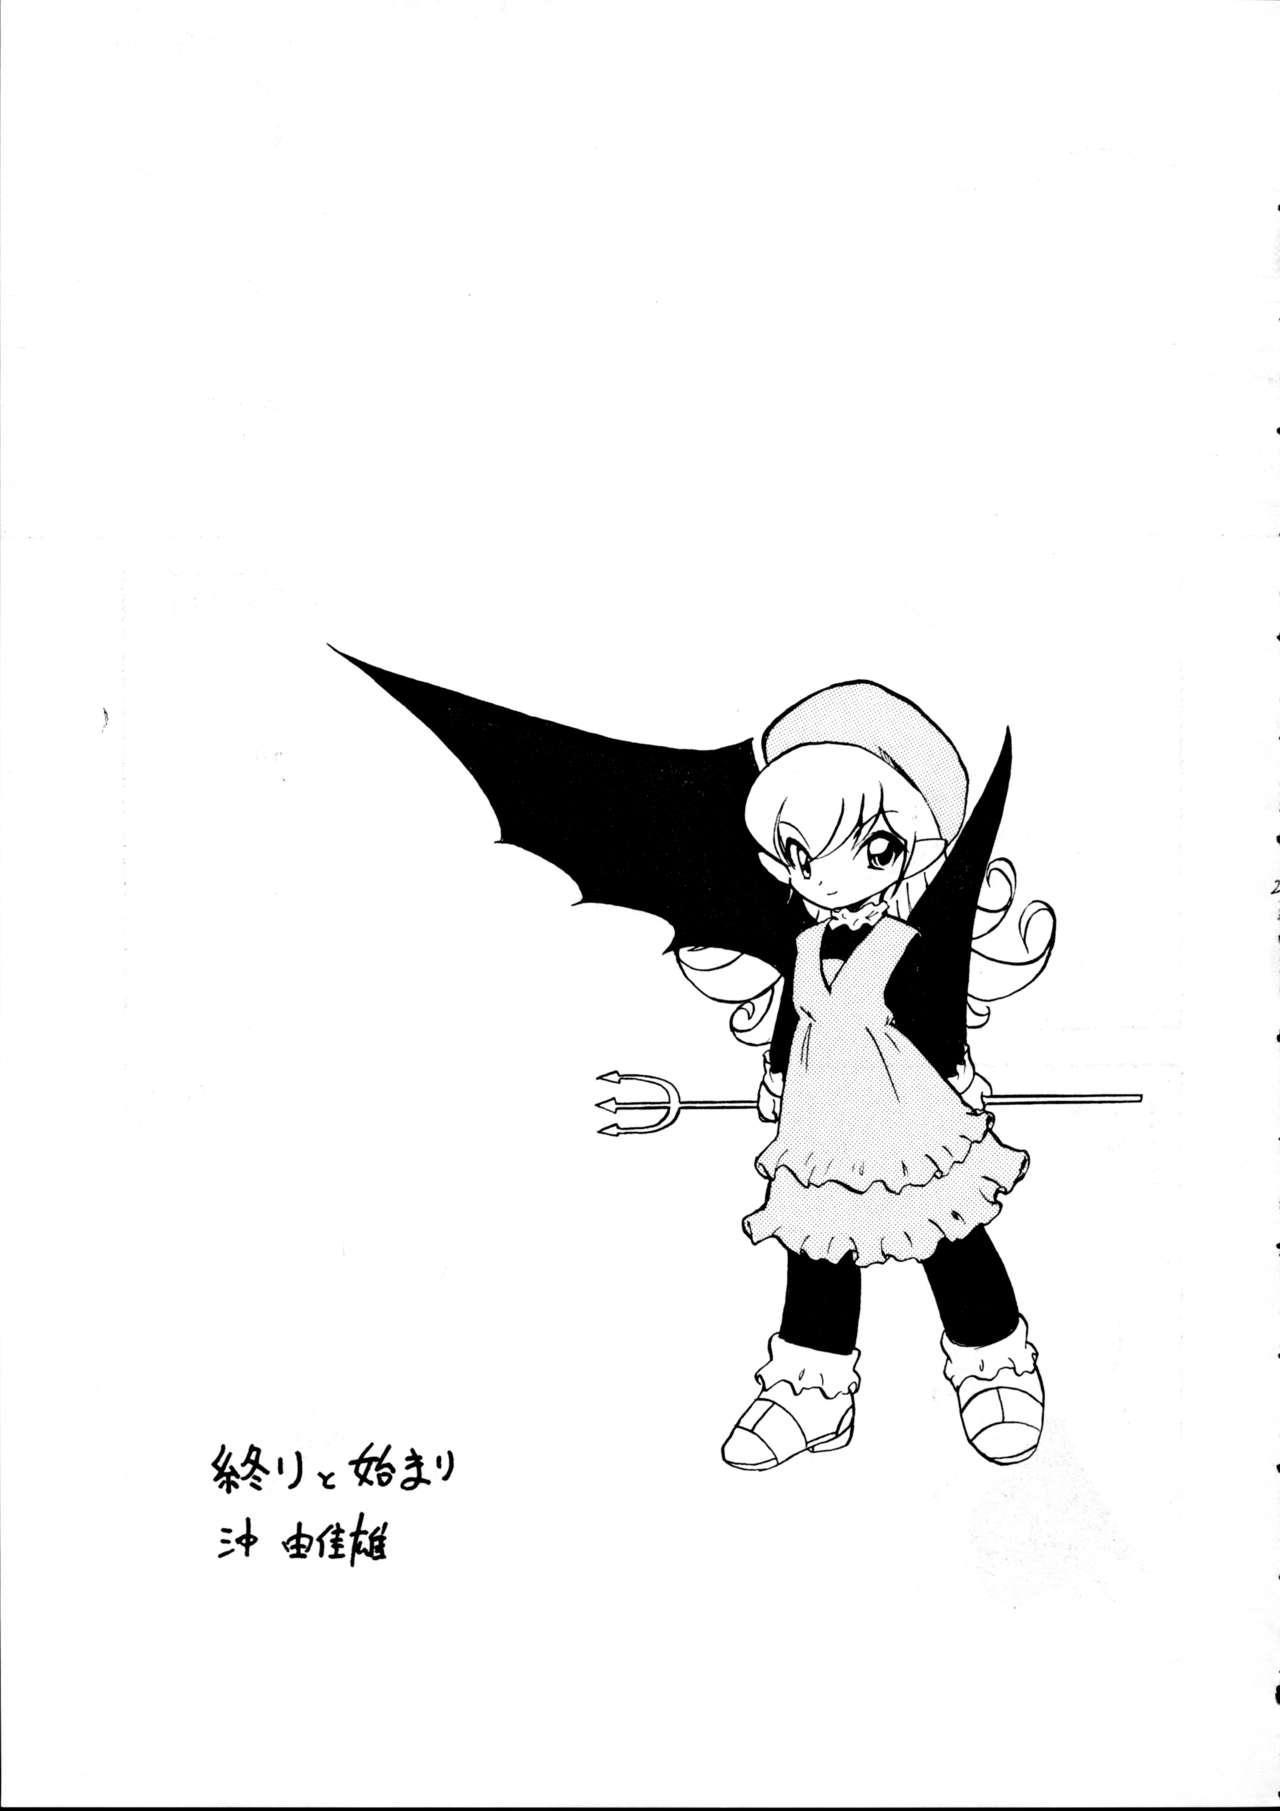 Tenshi no Yuuwaku 22